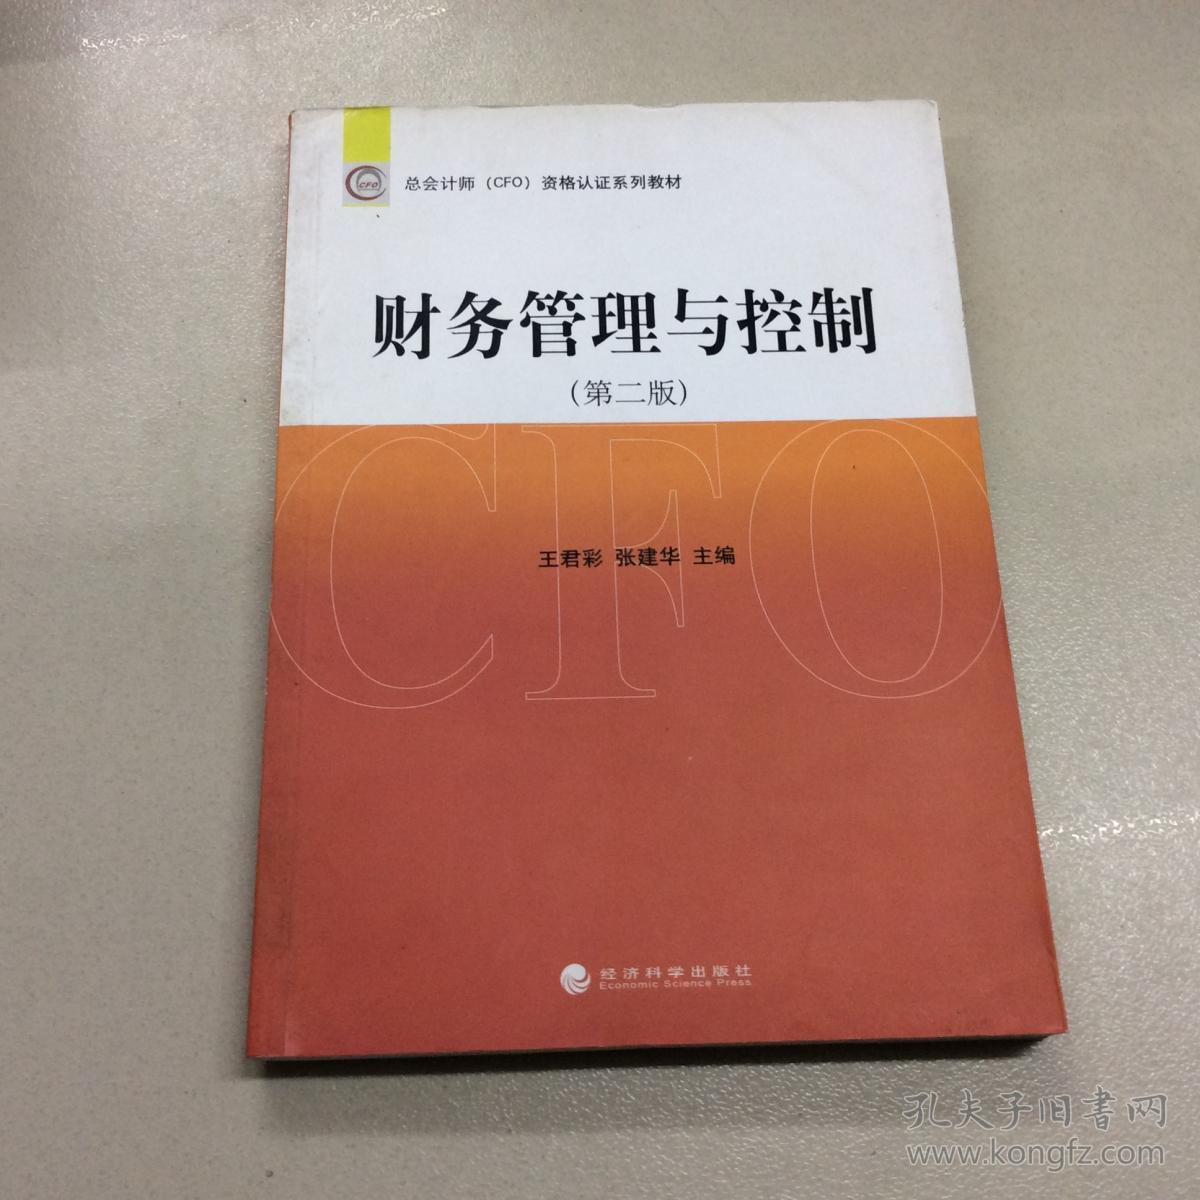 技术资格�y.i_总会计师 cfo资格认证系列教材 第2版 5册 具体见图